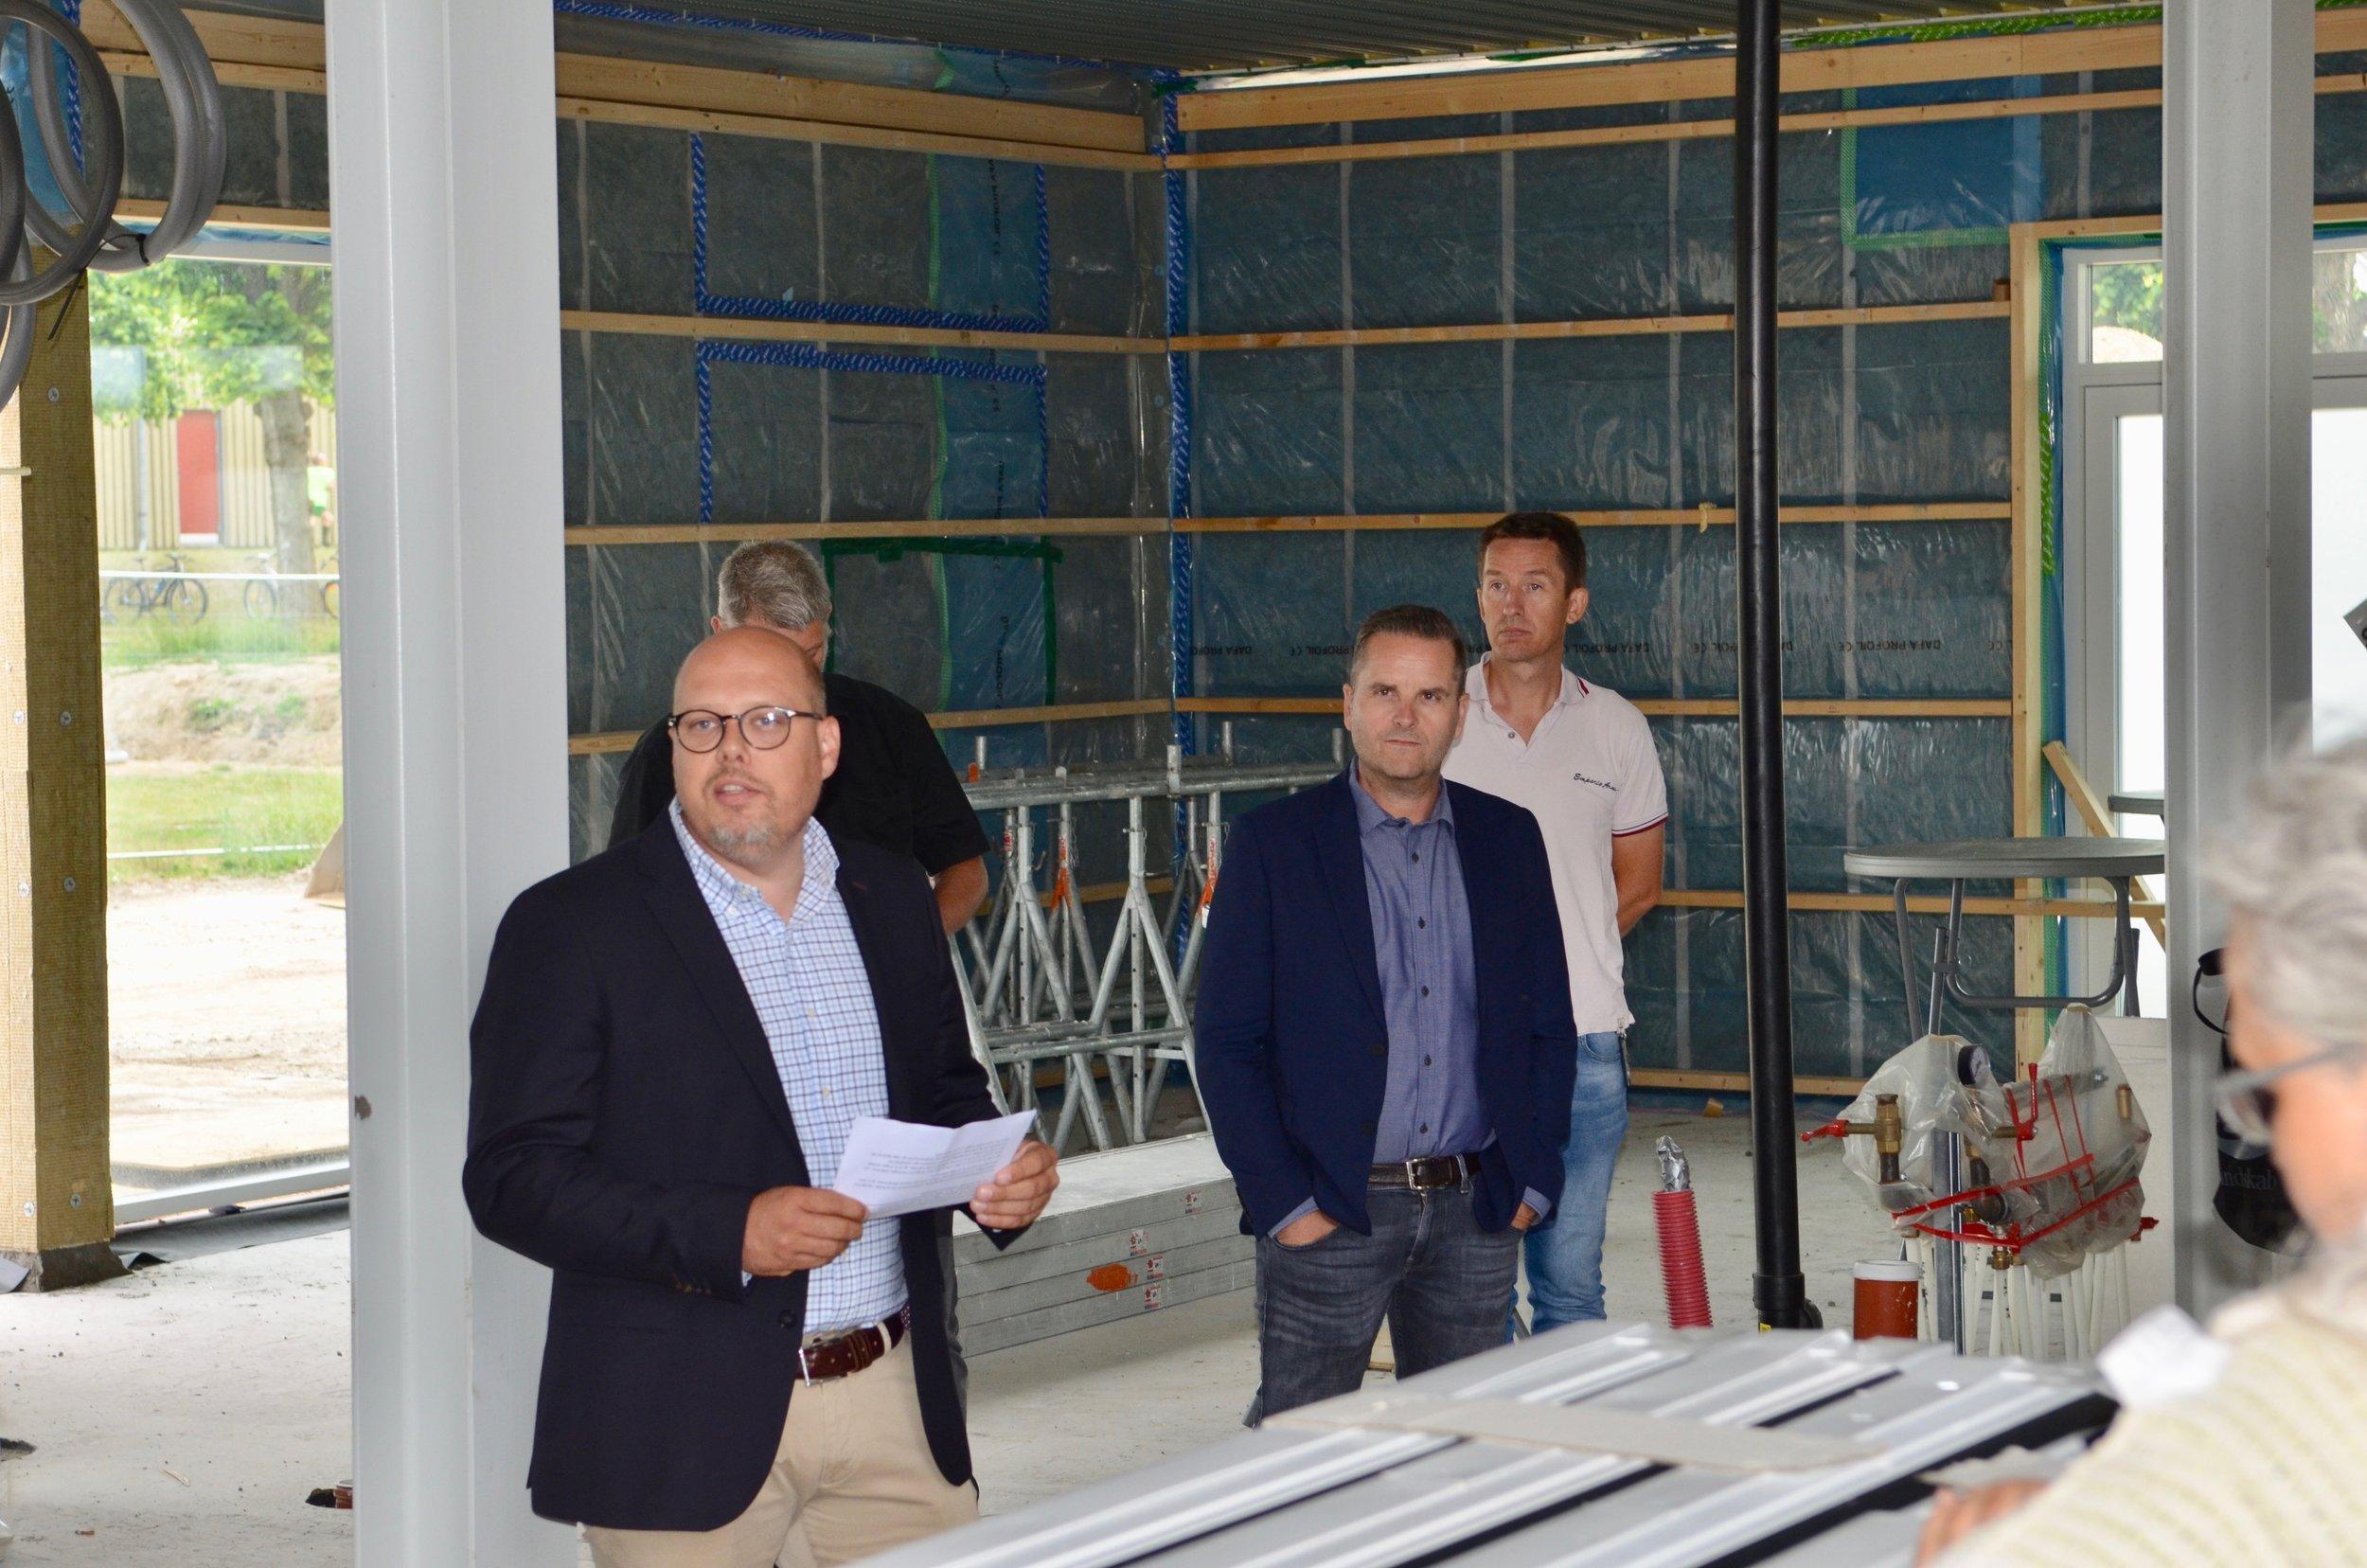 """Produktionsdirektør Rasmus Rømer Lausen: """"Før vi får set os om, er vi nået til årsskiftet, hvor brugerne overtager drømmen om deres nye hus for at få en konkret velfungerende hverdag"""". Foto: AOB"""